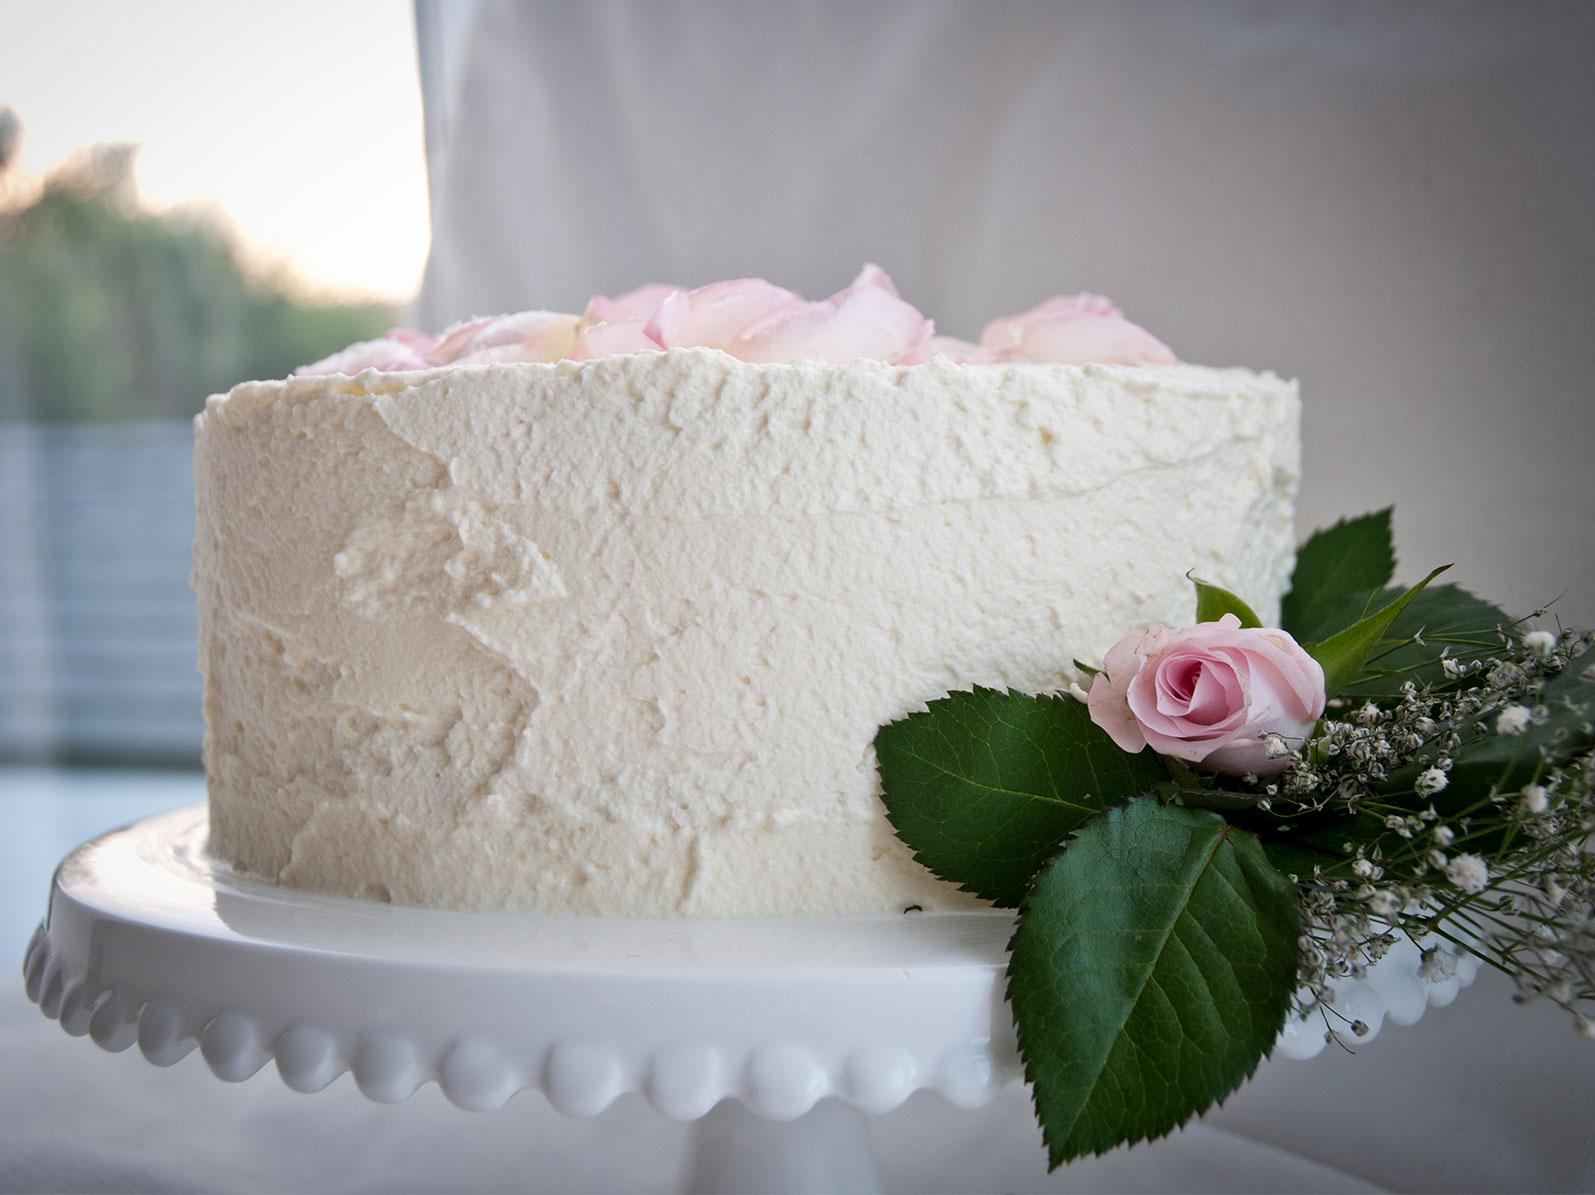 white almond birthday cake